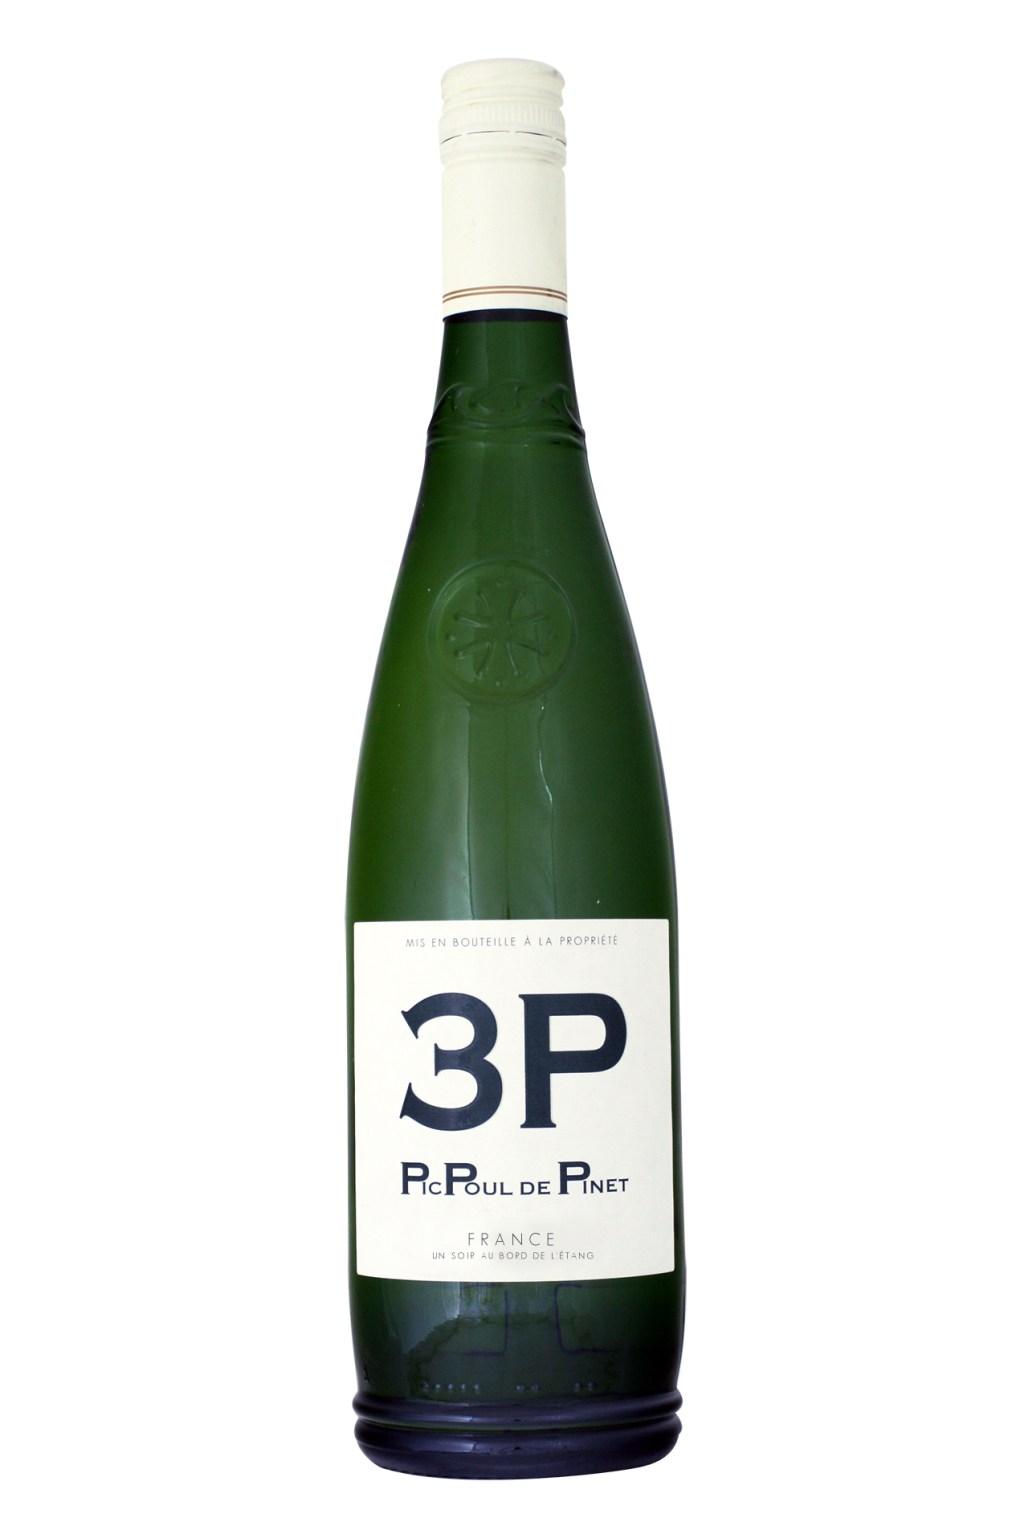 3P Picpoul de Pinet